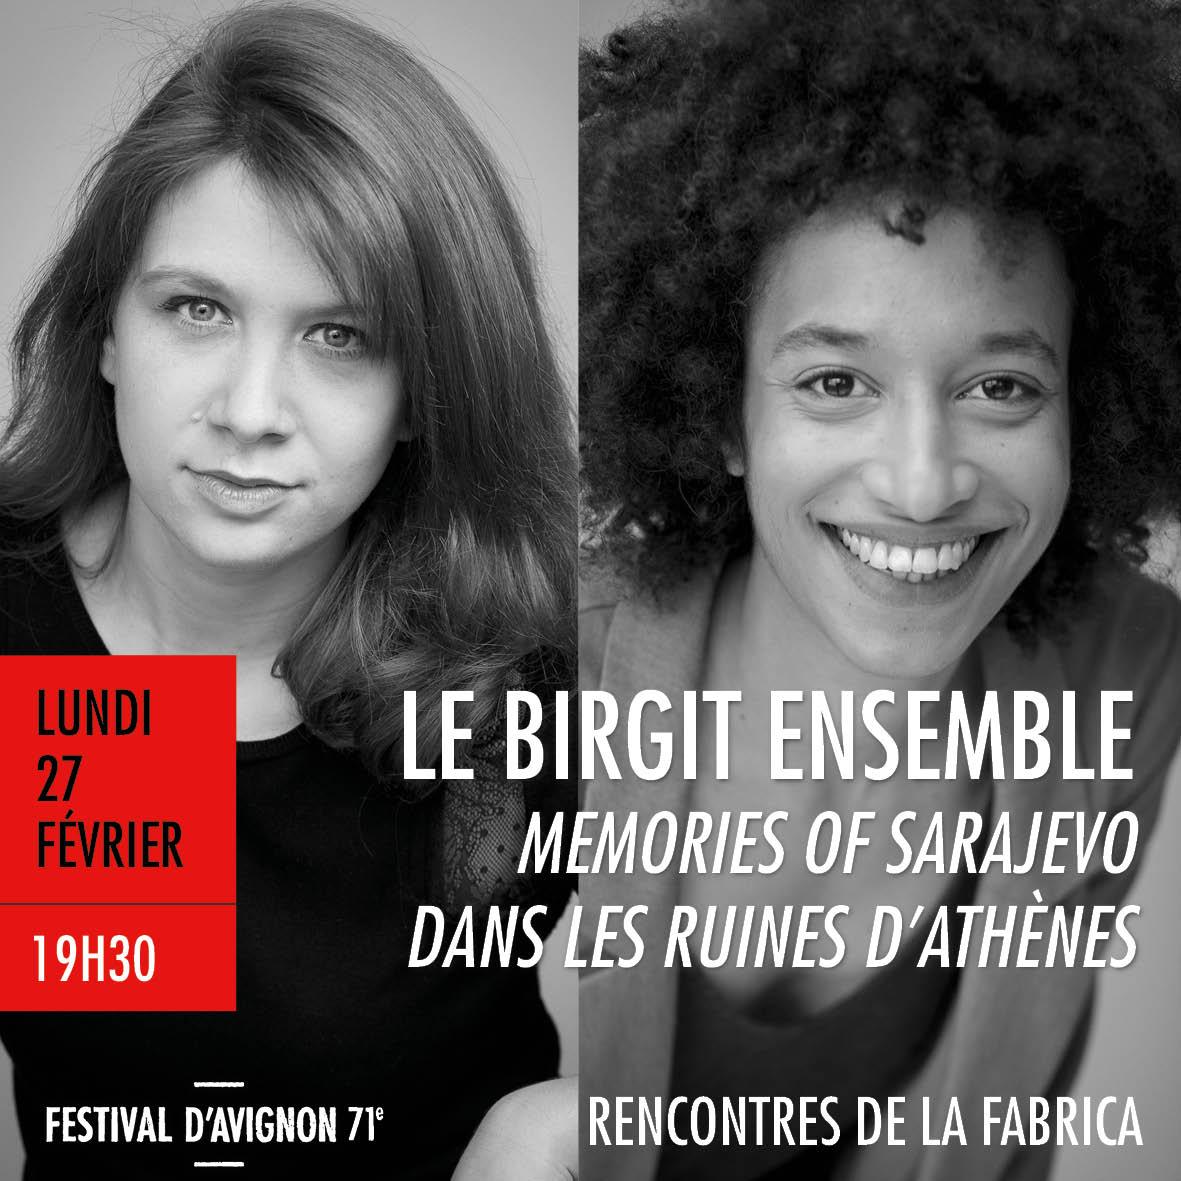 Prochaine rencontre de la FabricA lun. 27/02 avec Le Birgit Ensemble pour 2 créations au @FestivalAvignon #FDA17 https://t.co/MGD6ZISzvi